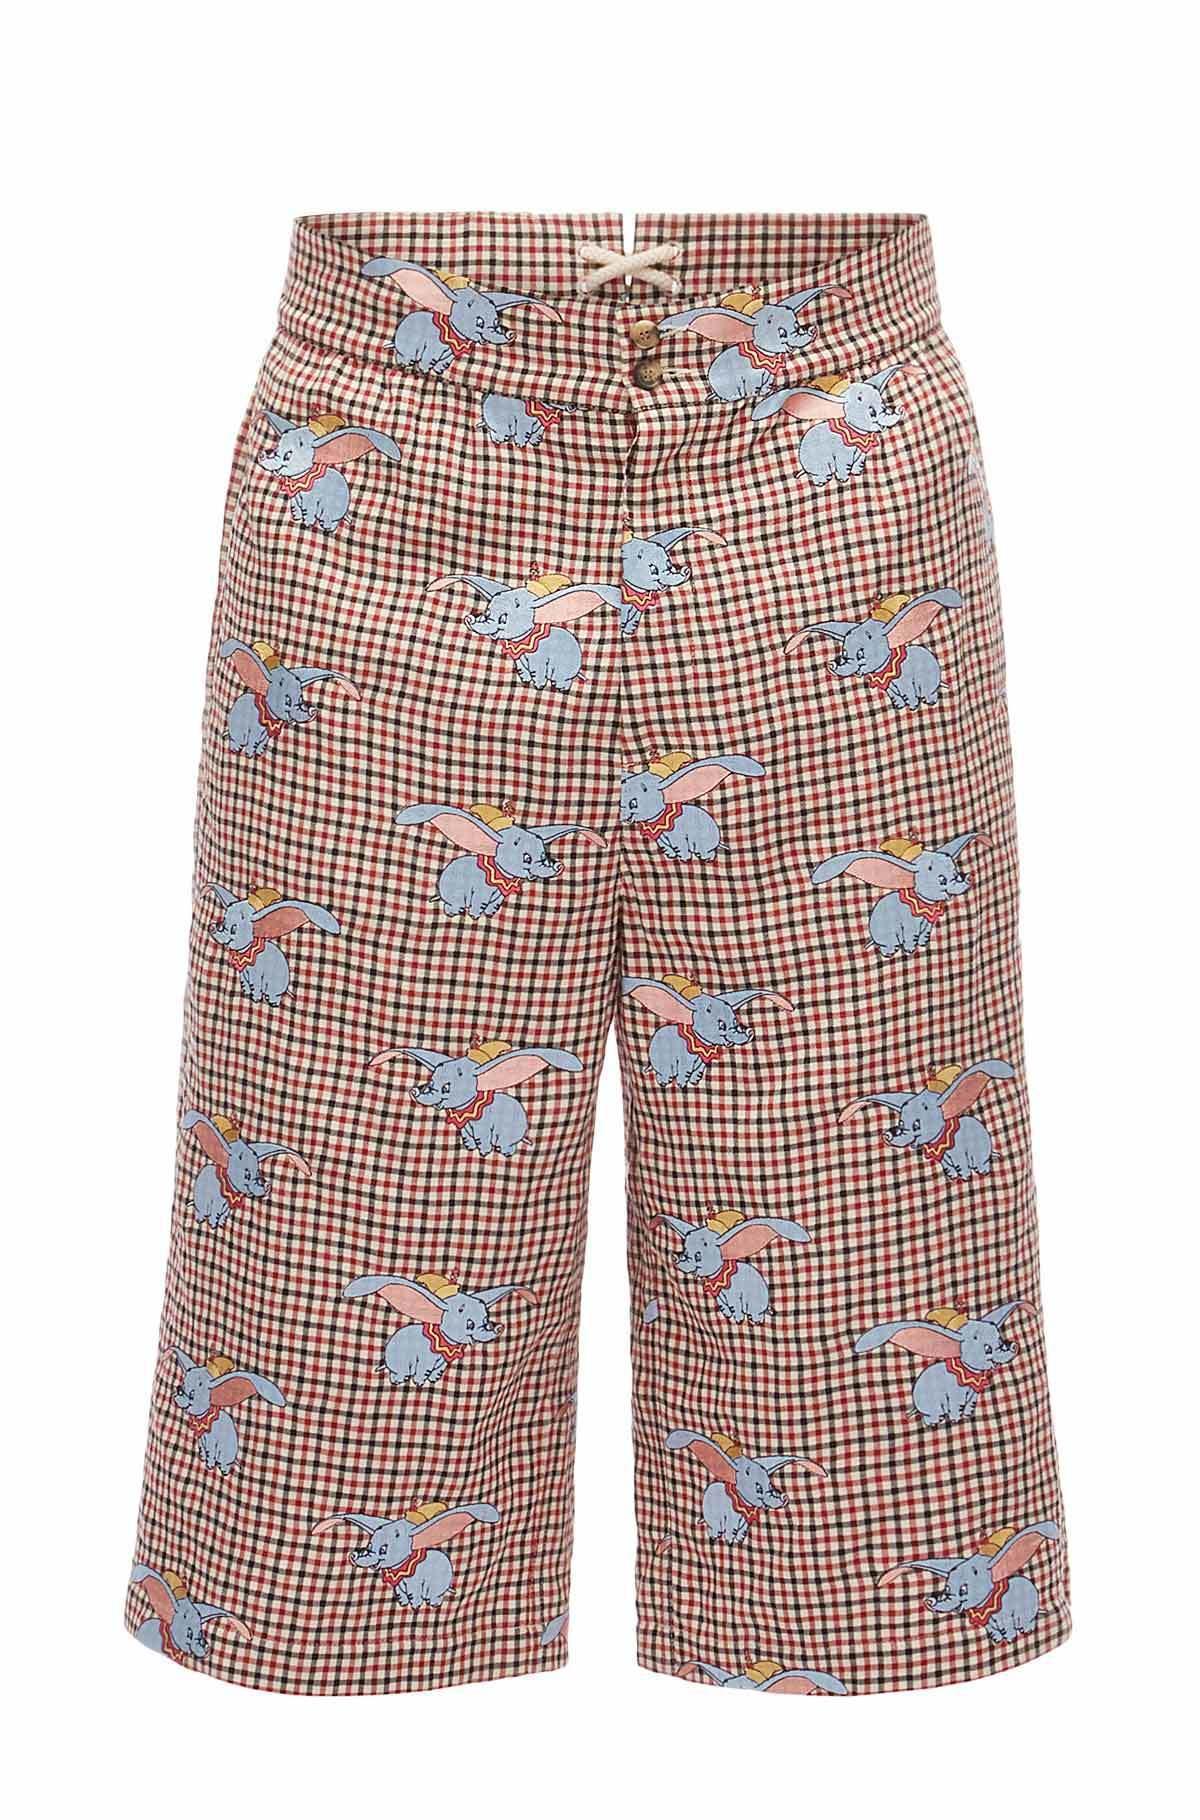 小飛象紅白格紋休閒短褲,售價97,000元。圖/LOEWE提供